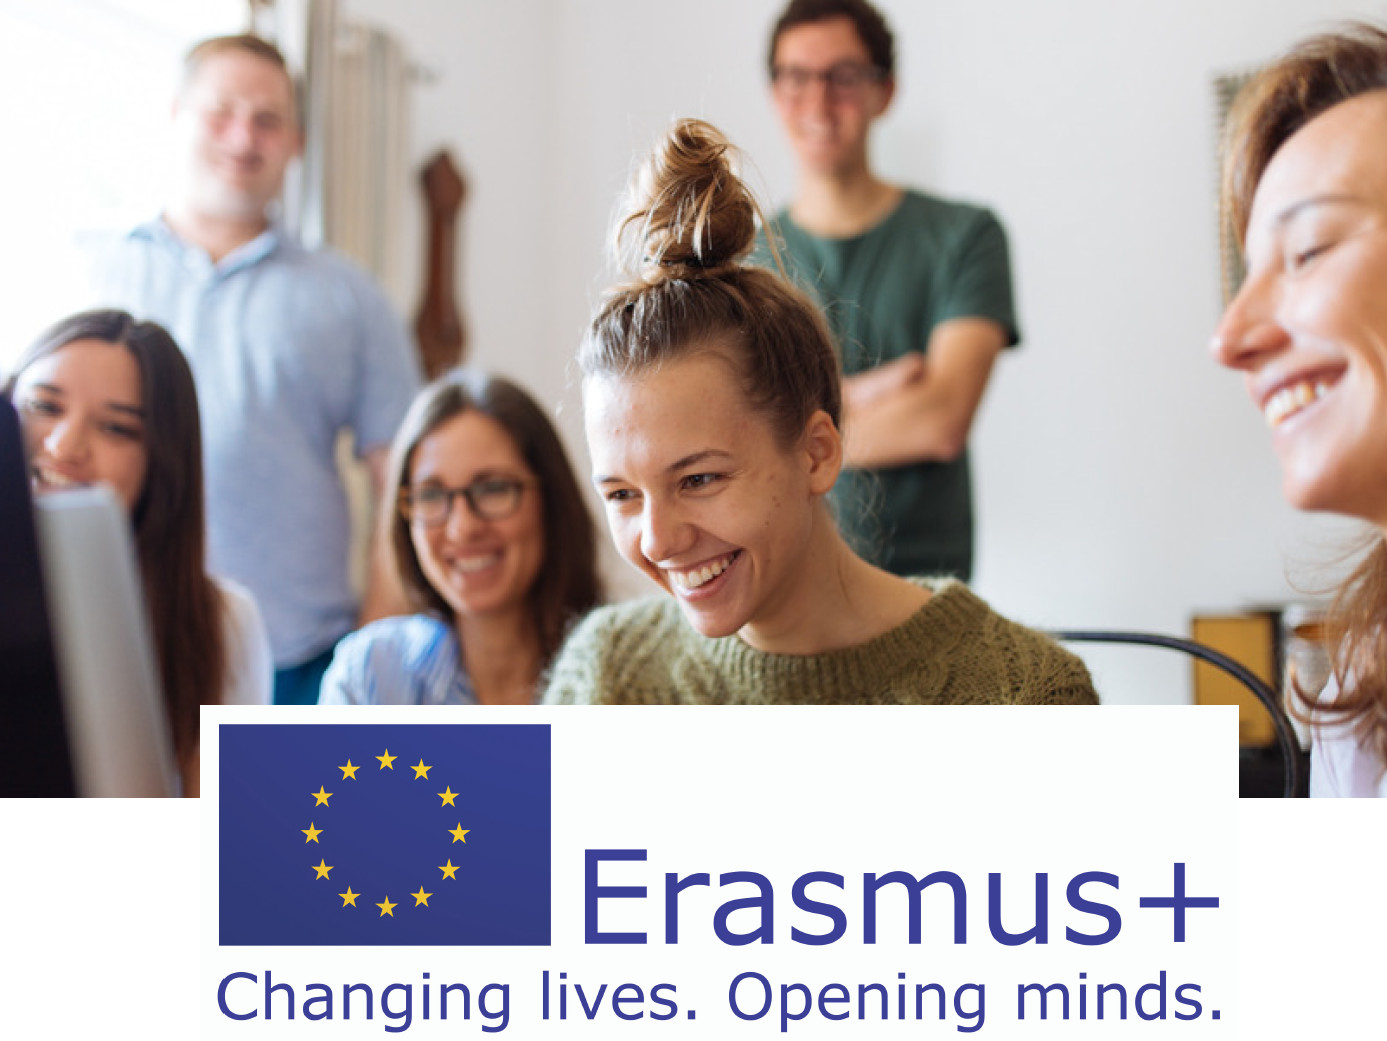 Corso di formazione Erasmus+per Youth Workers  in Slovenia a Maggio